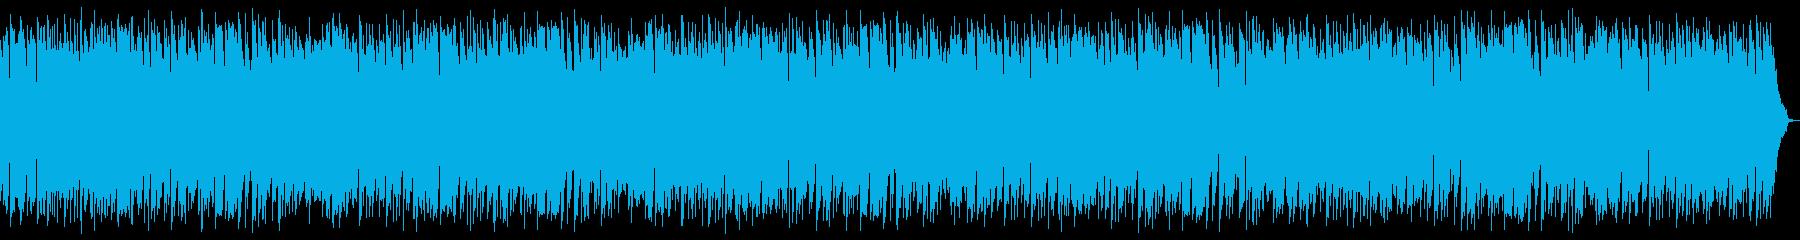 日常系BGM延々ループ3分バージョンの再生済みの波形